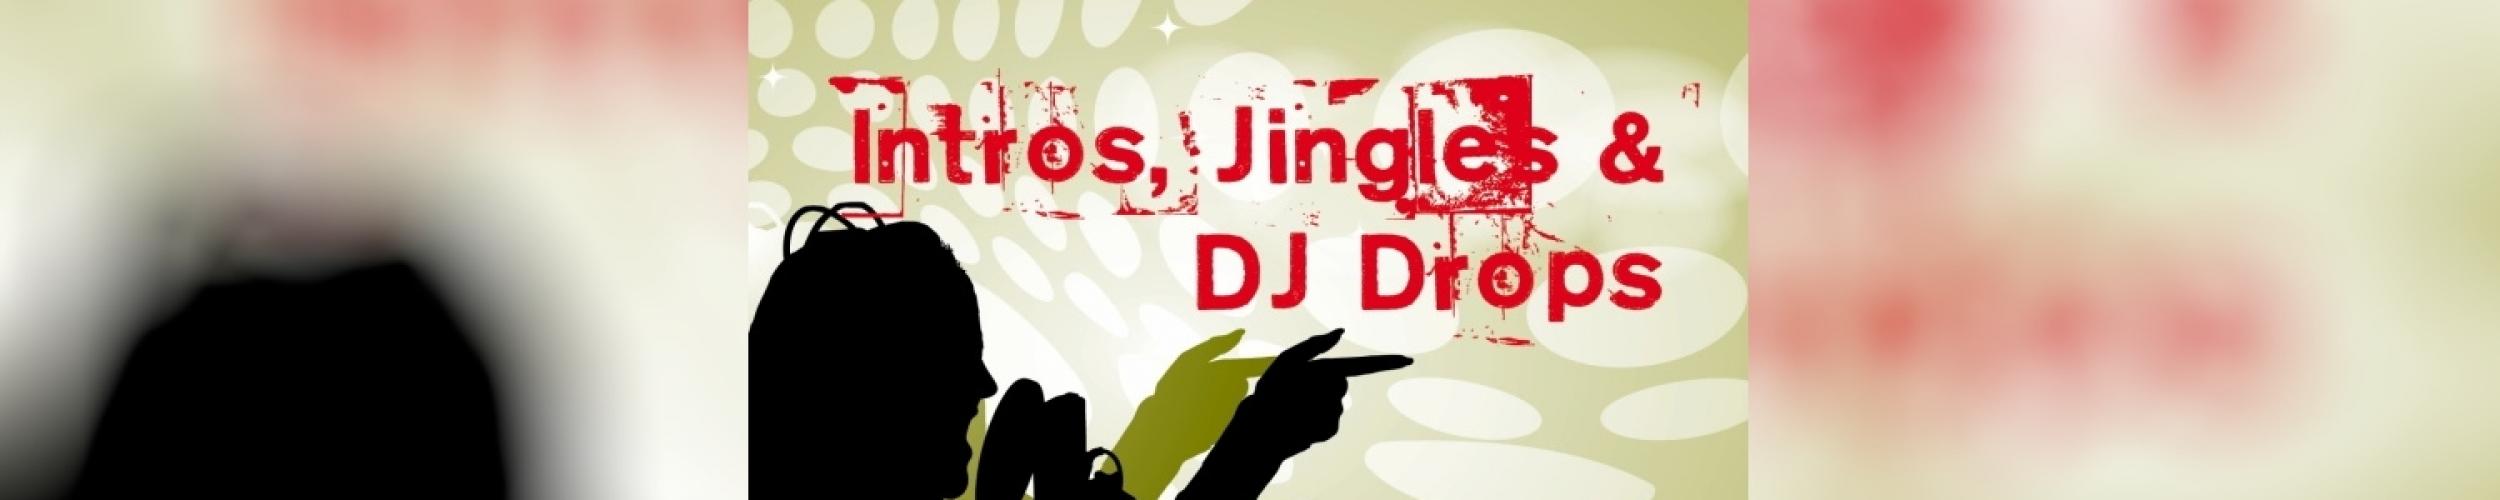 Intros, Jingles & DJ Drops